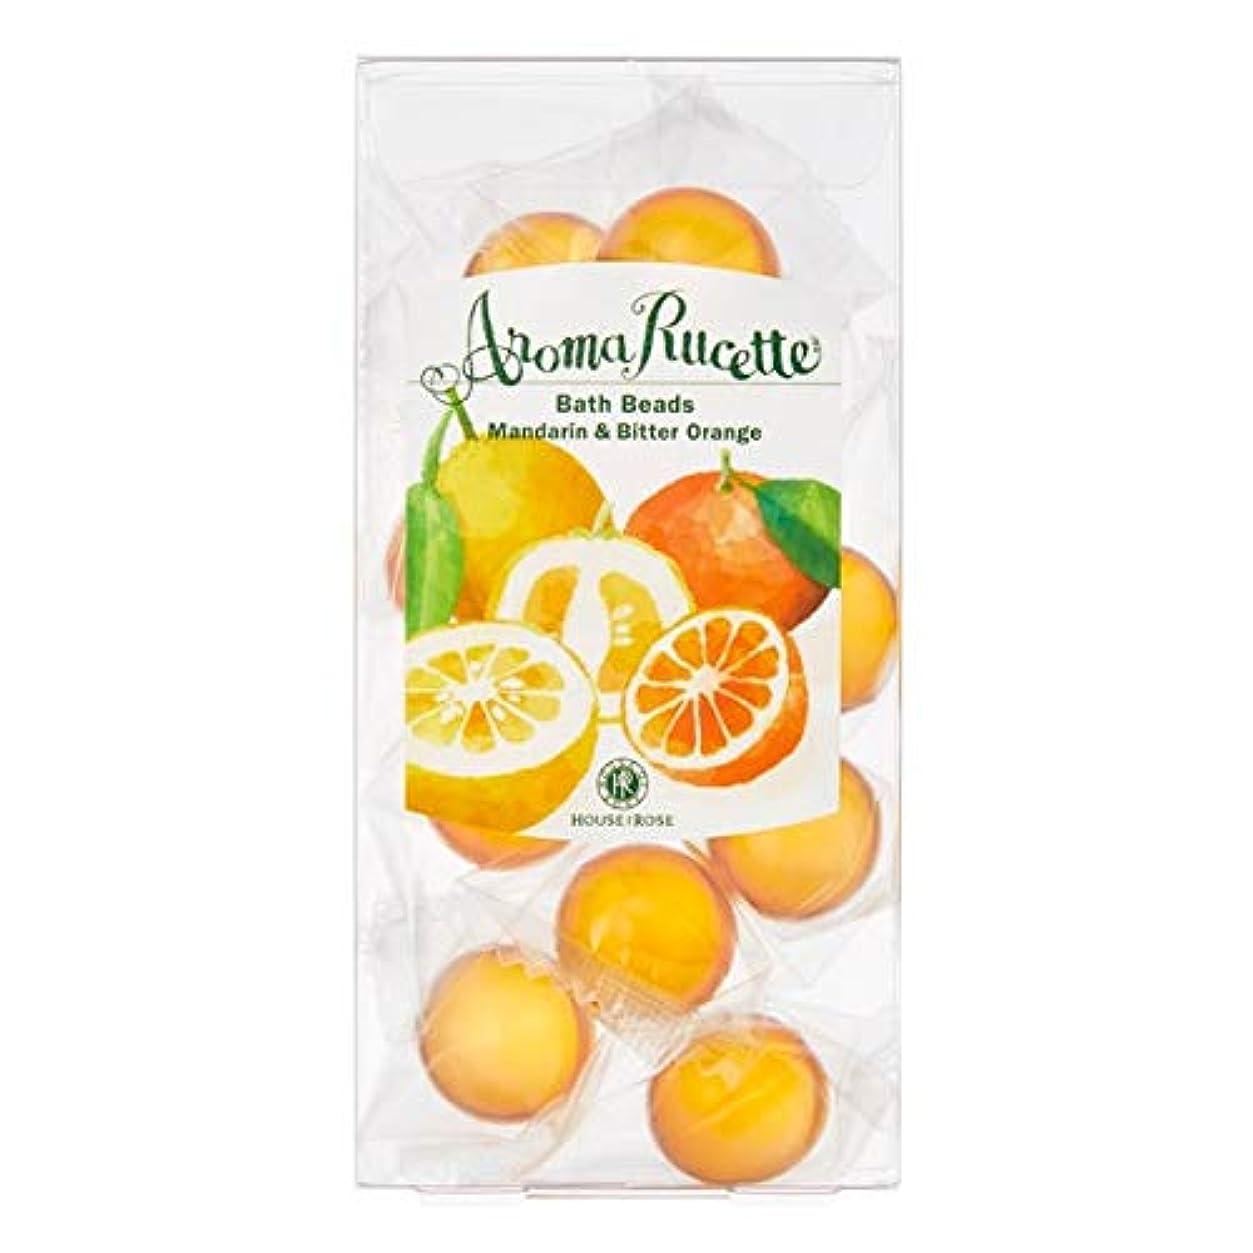 ところでインスタンスグラスHOUSE OF ROSE(ハウスオブローゼ) ハウスオブローゼ/アロマルセット バスビーズ MD&BO(マンダリン&ビターオレンジの香り) 7g×11個